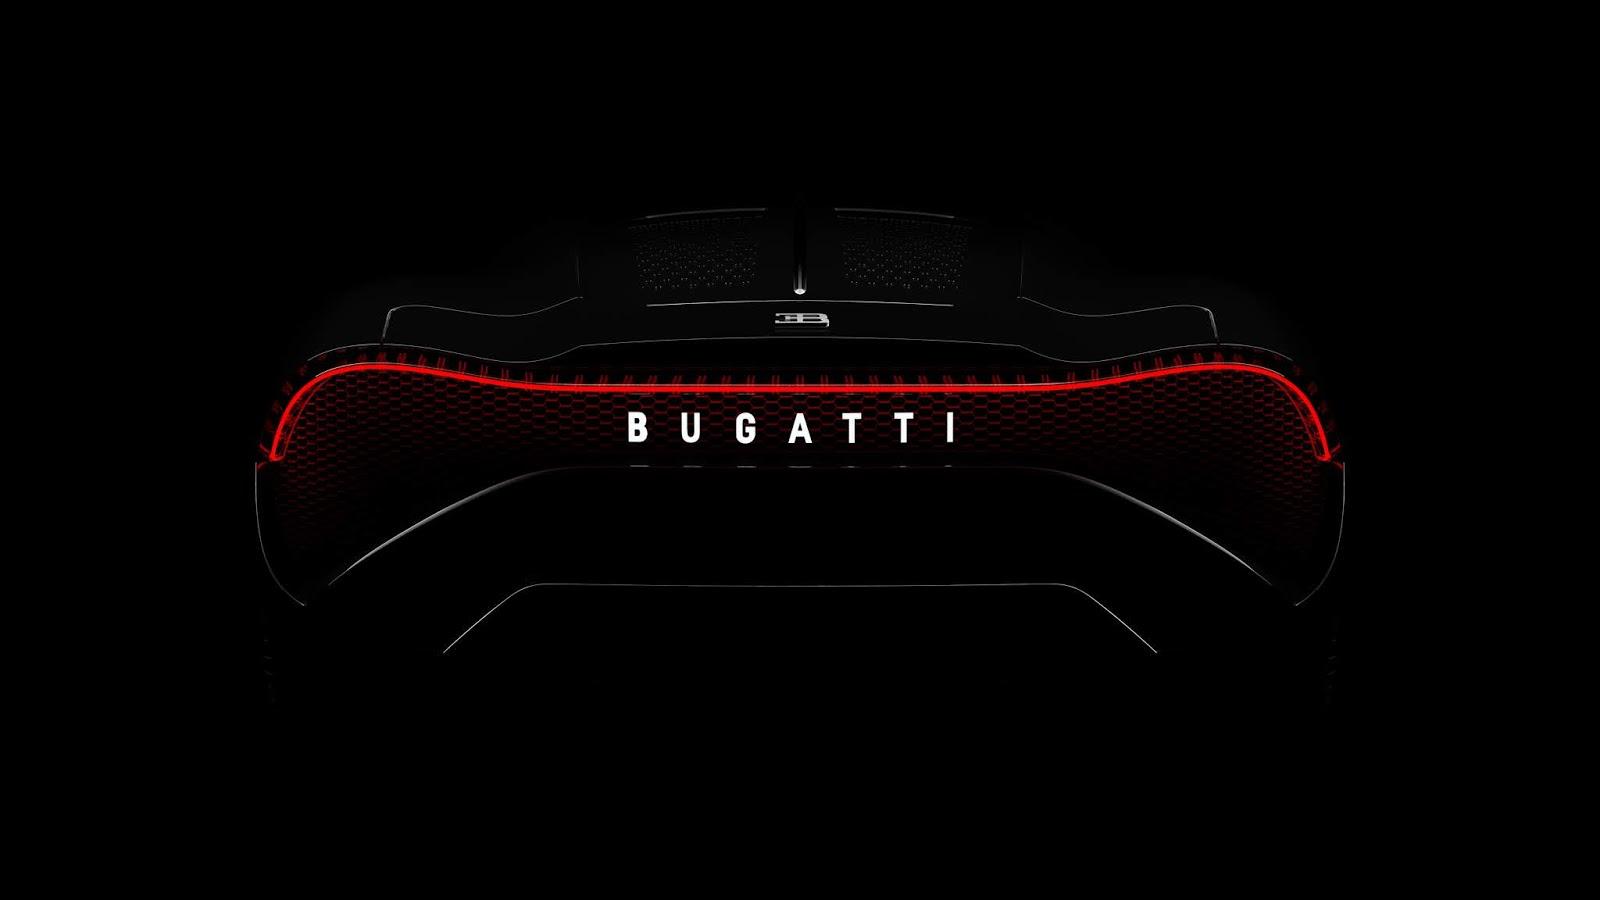 bugatti la voiture noire 2019 538923